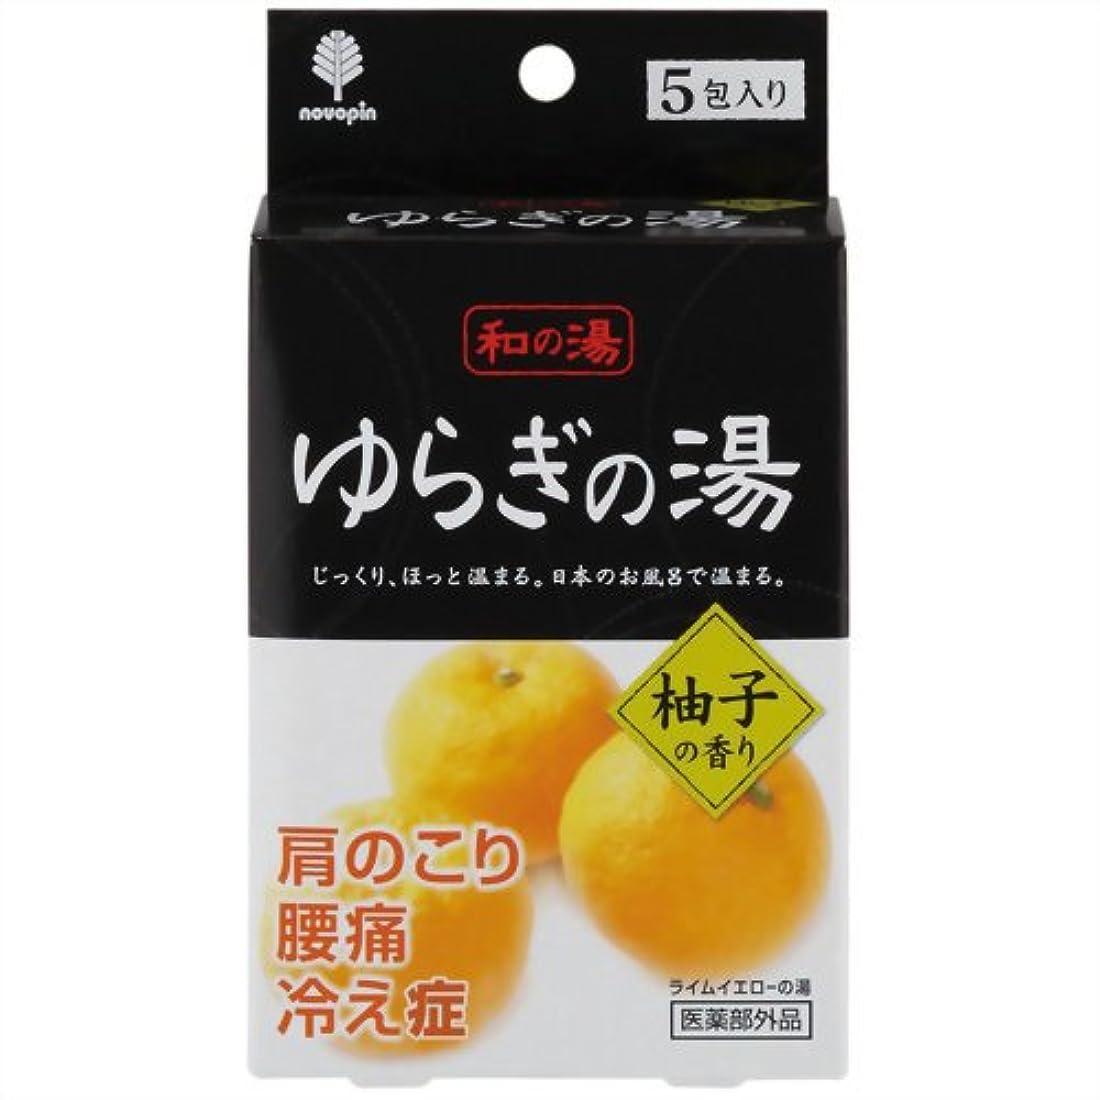 シリング定刻メーカー和の湯 ゆらぎの湯 柚子の香り